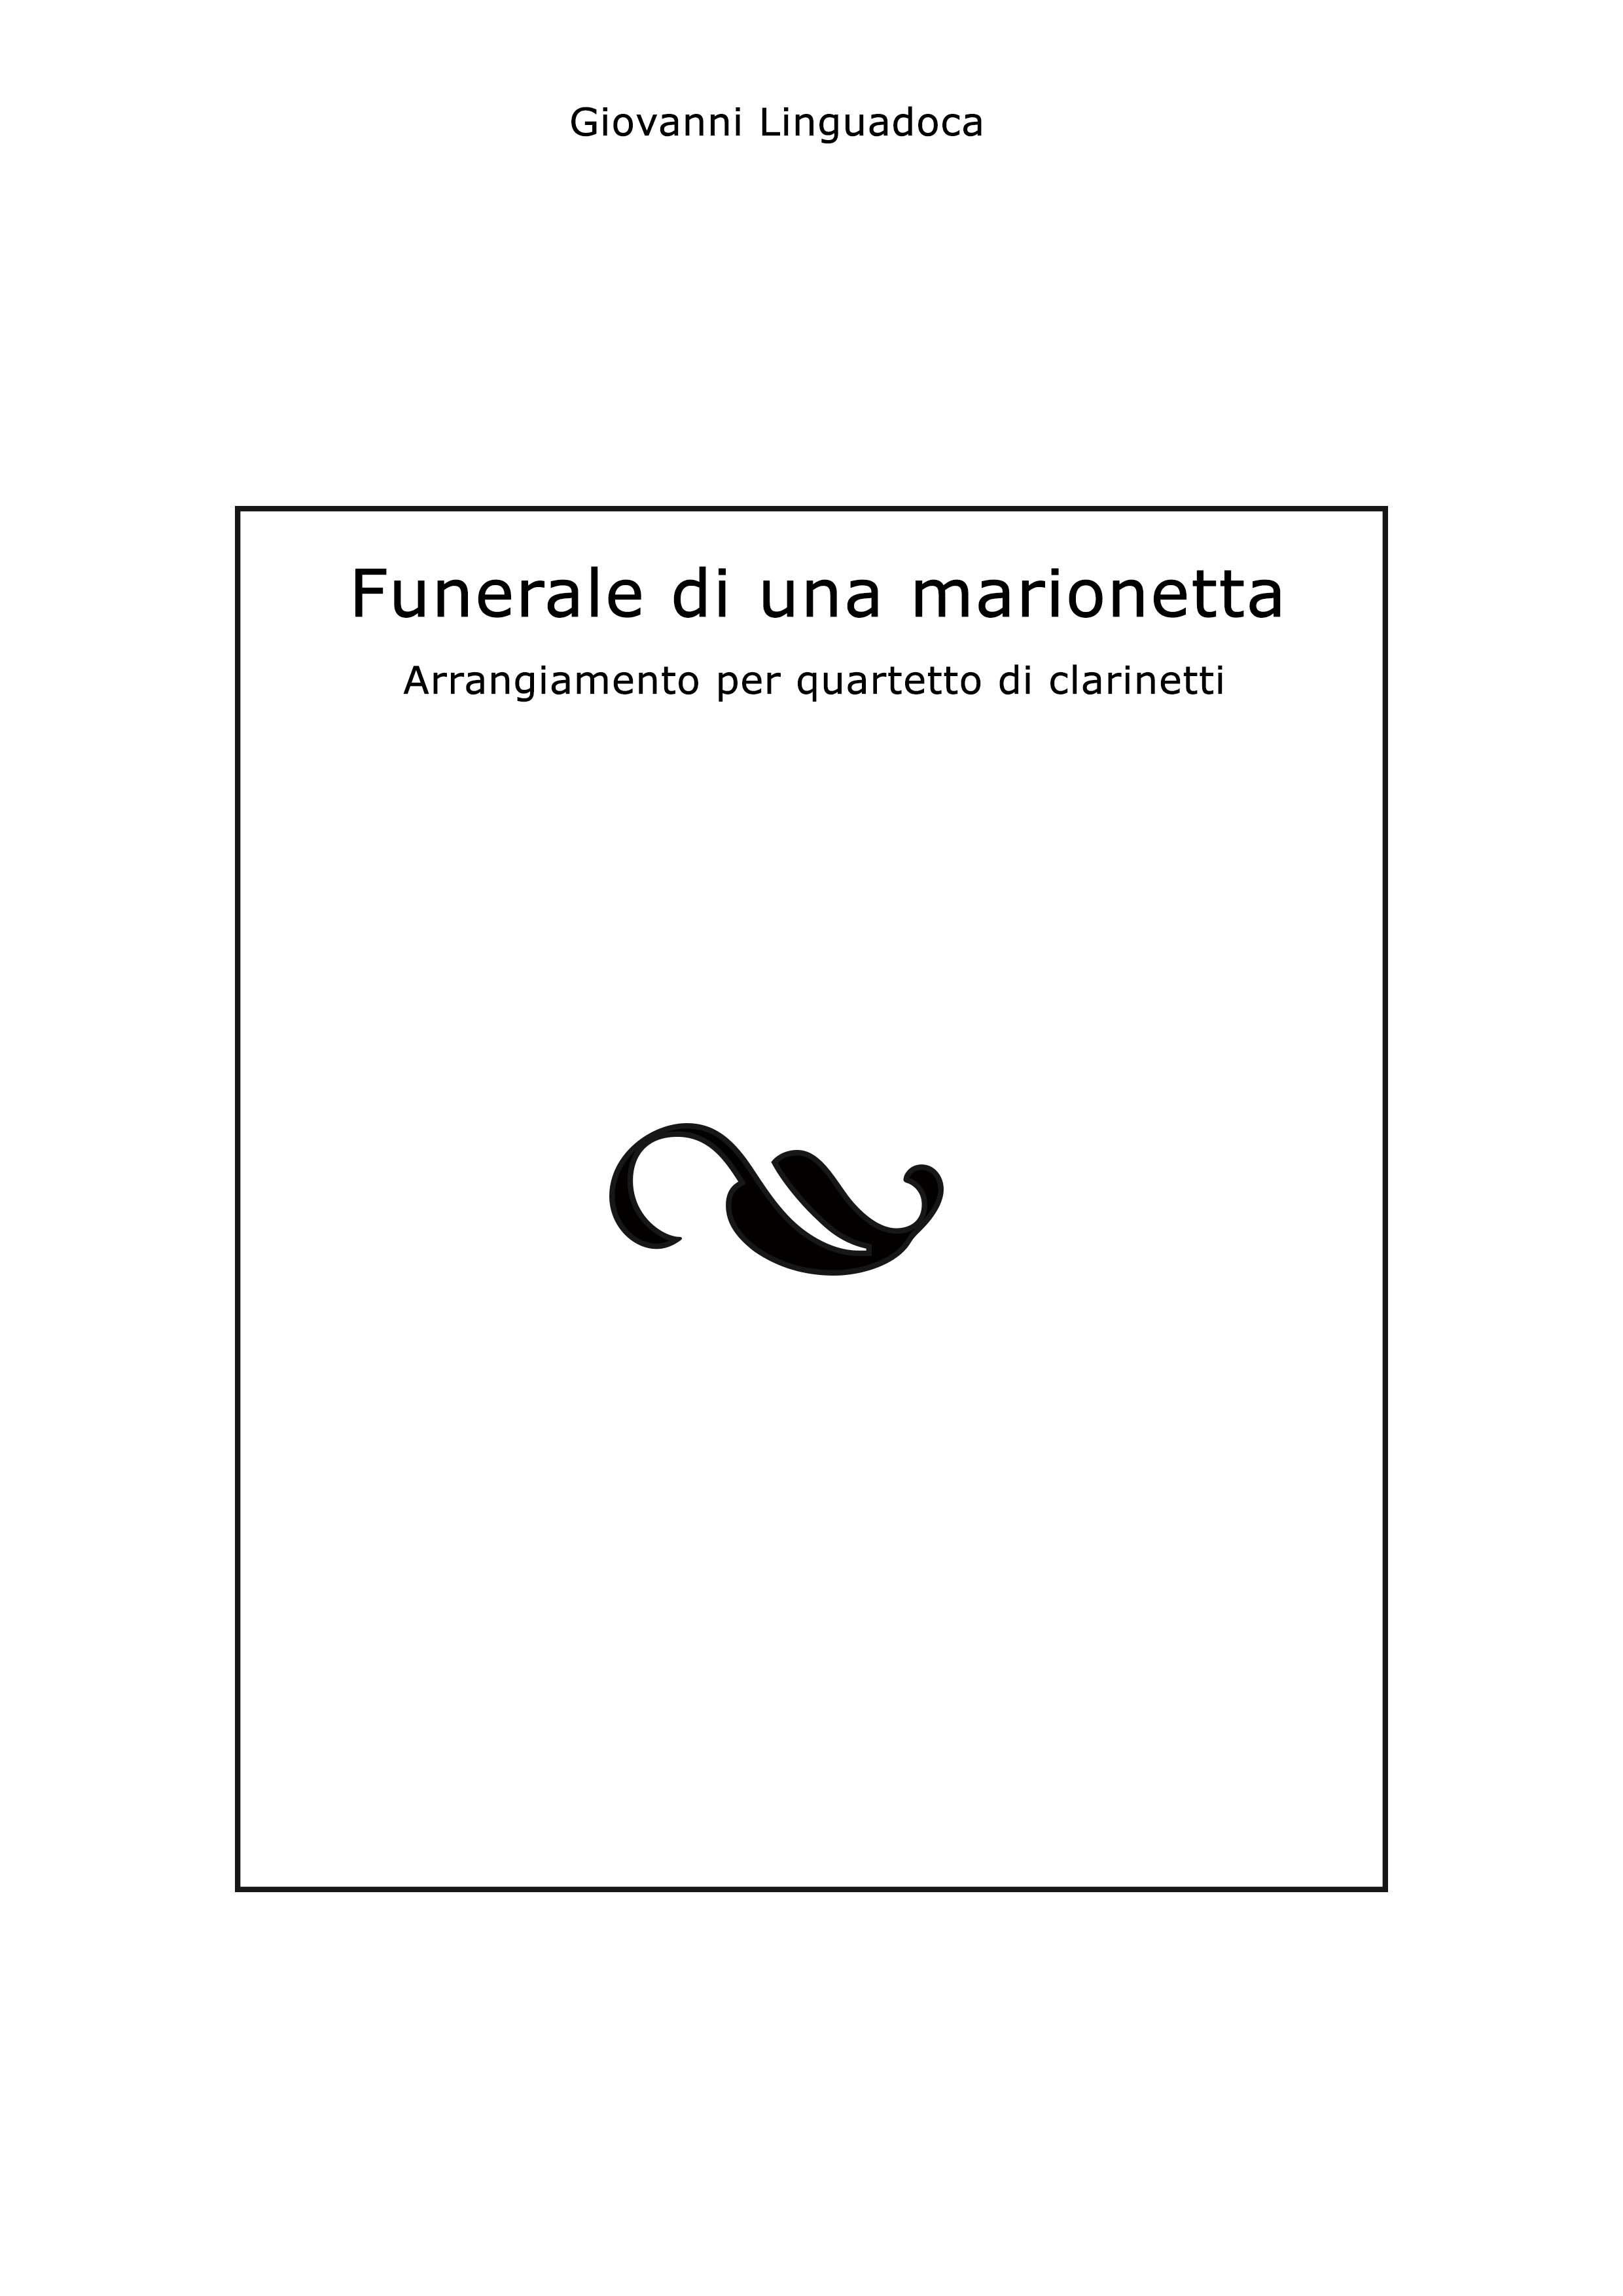 Funerale di una marionetta